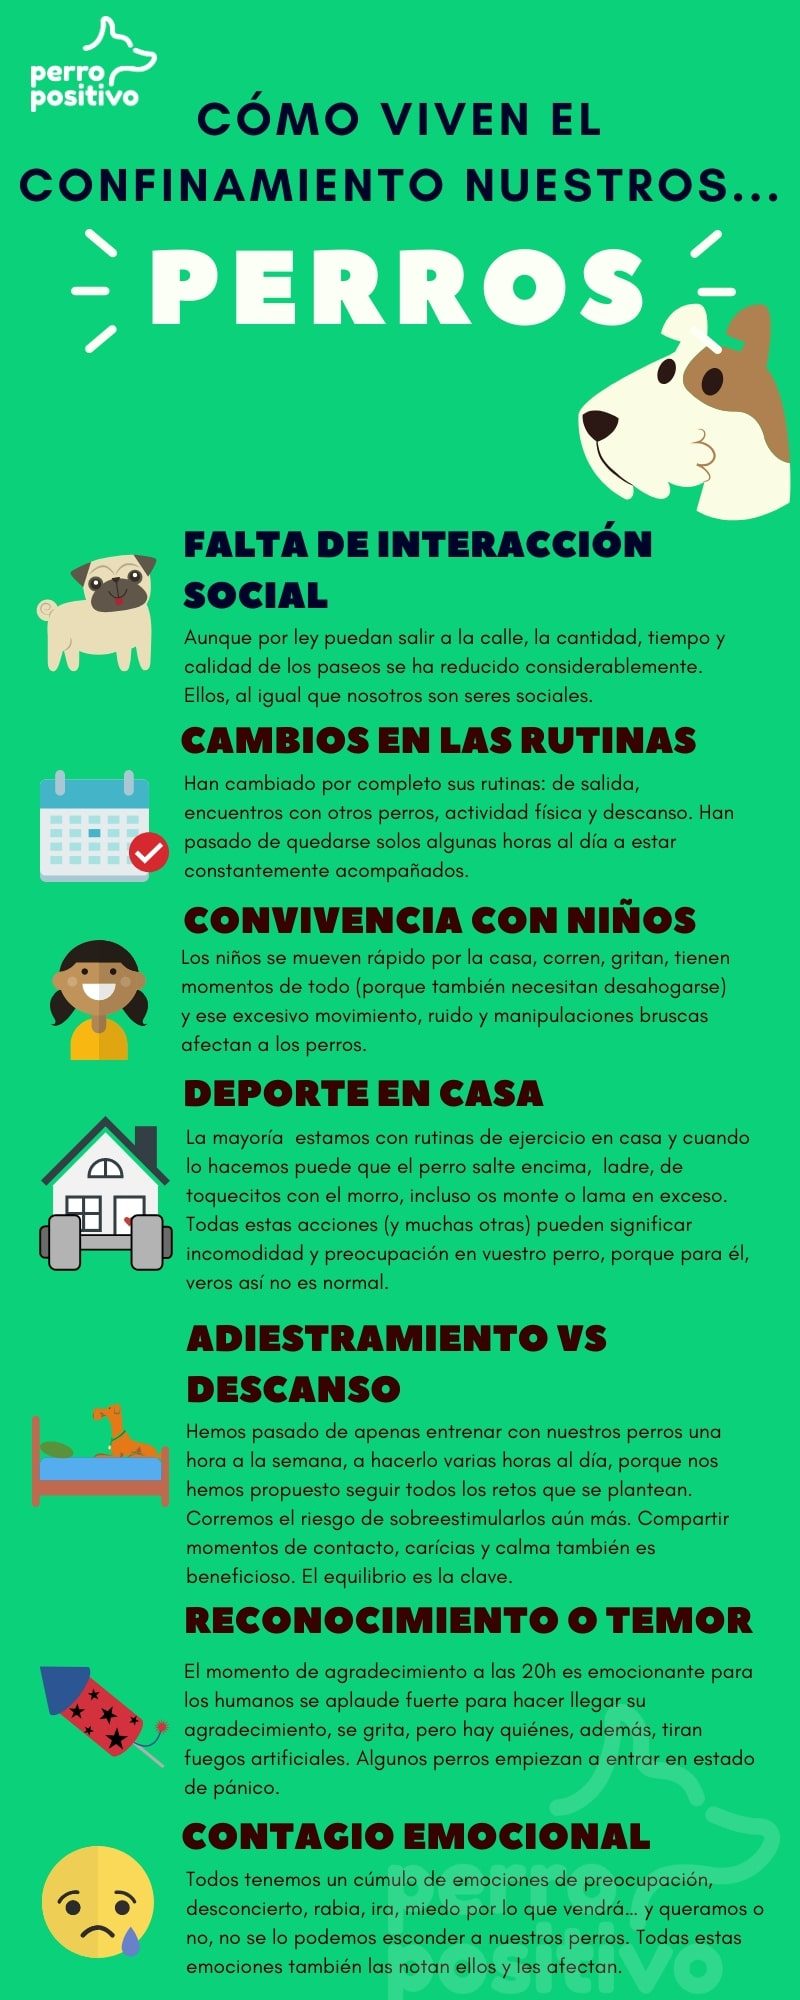 infografía perros covid-19